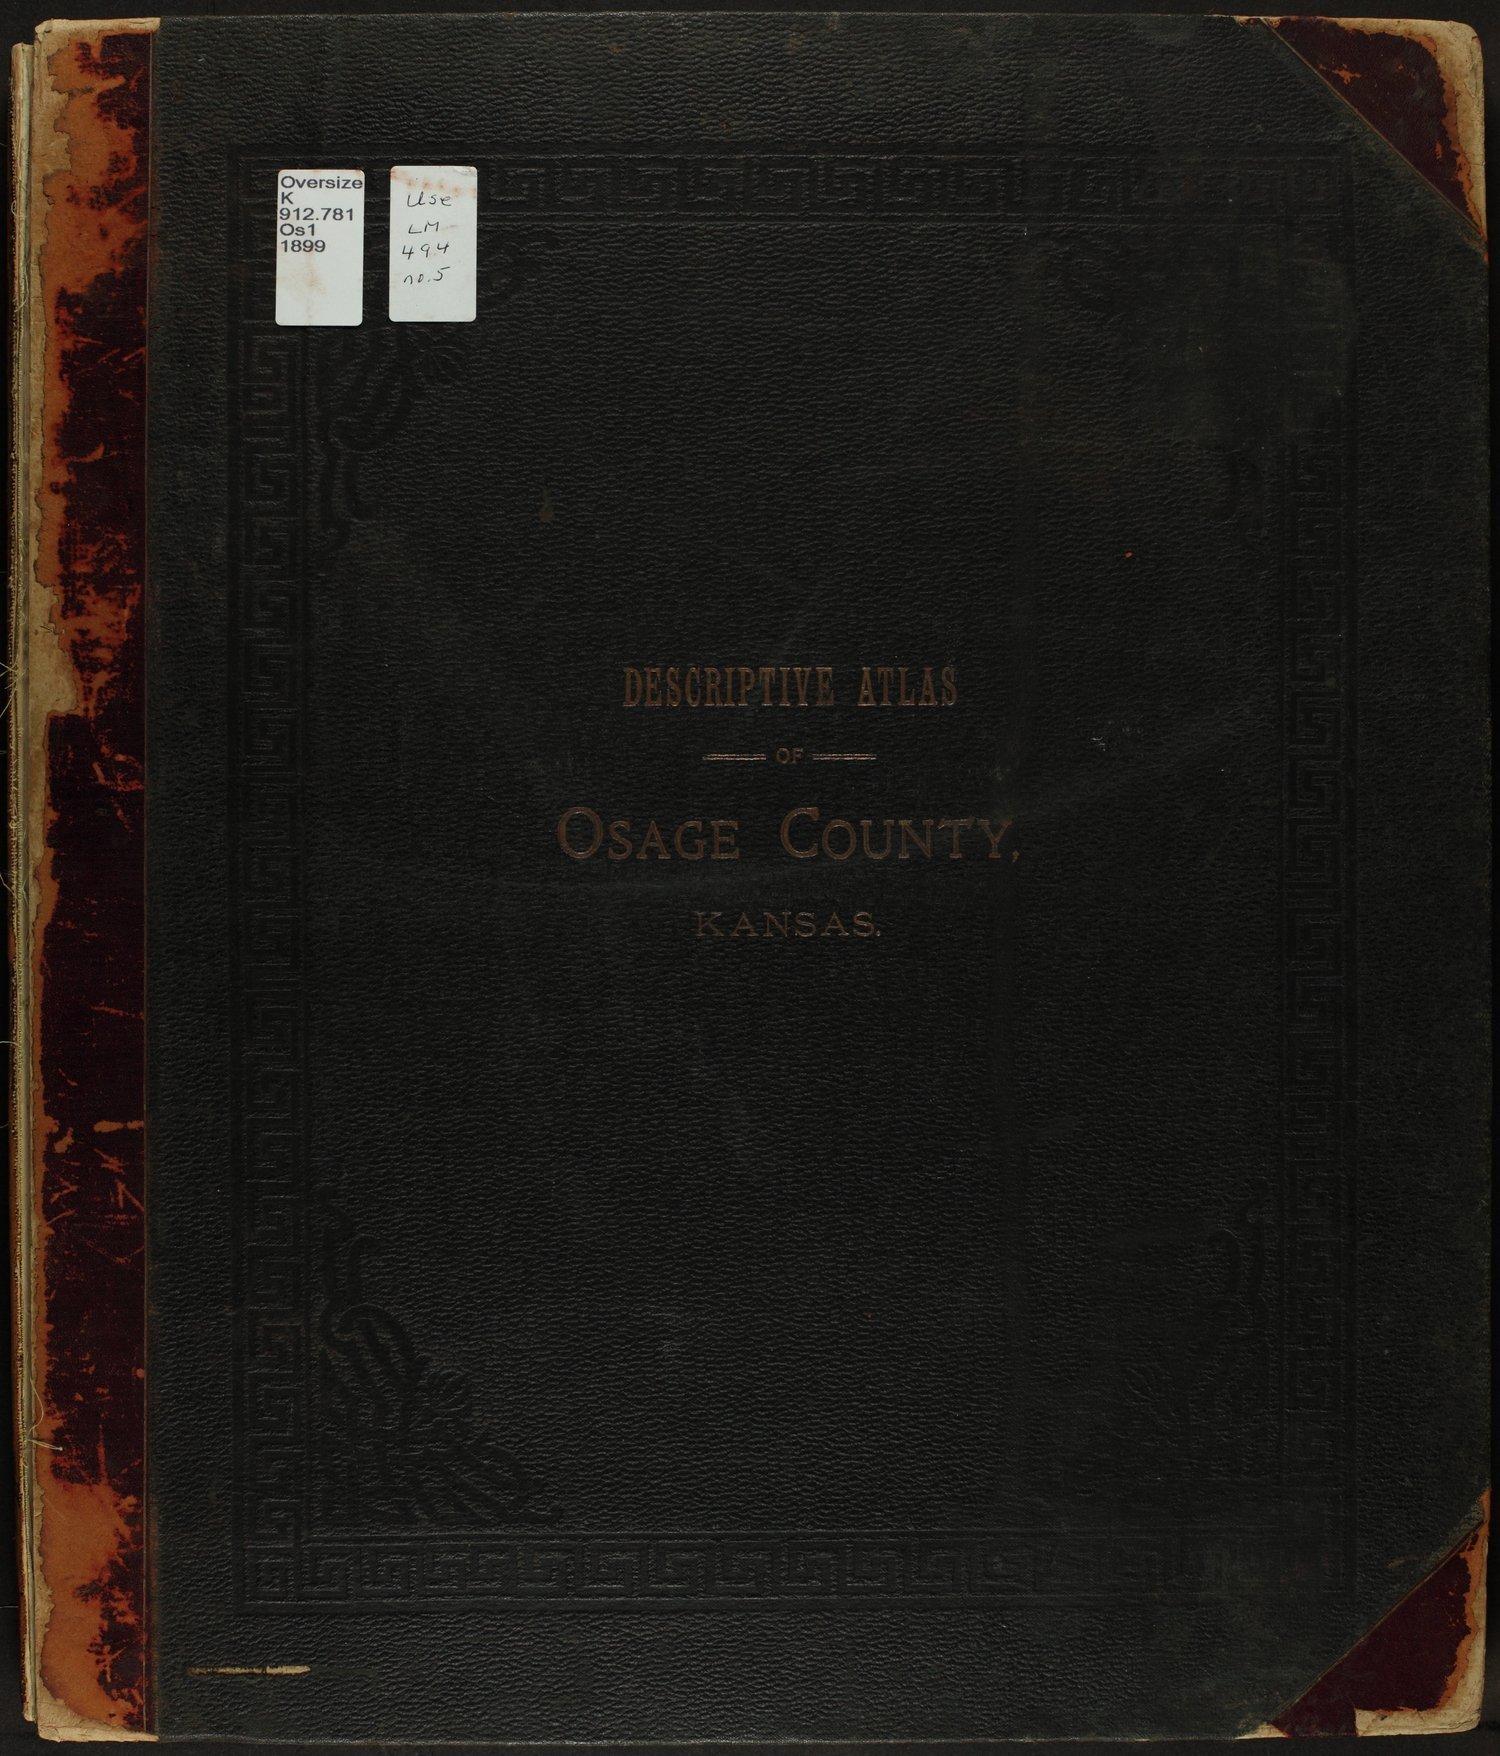 Descriptive atlas of Osage County, Kansas - Front Cover